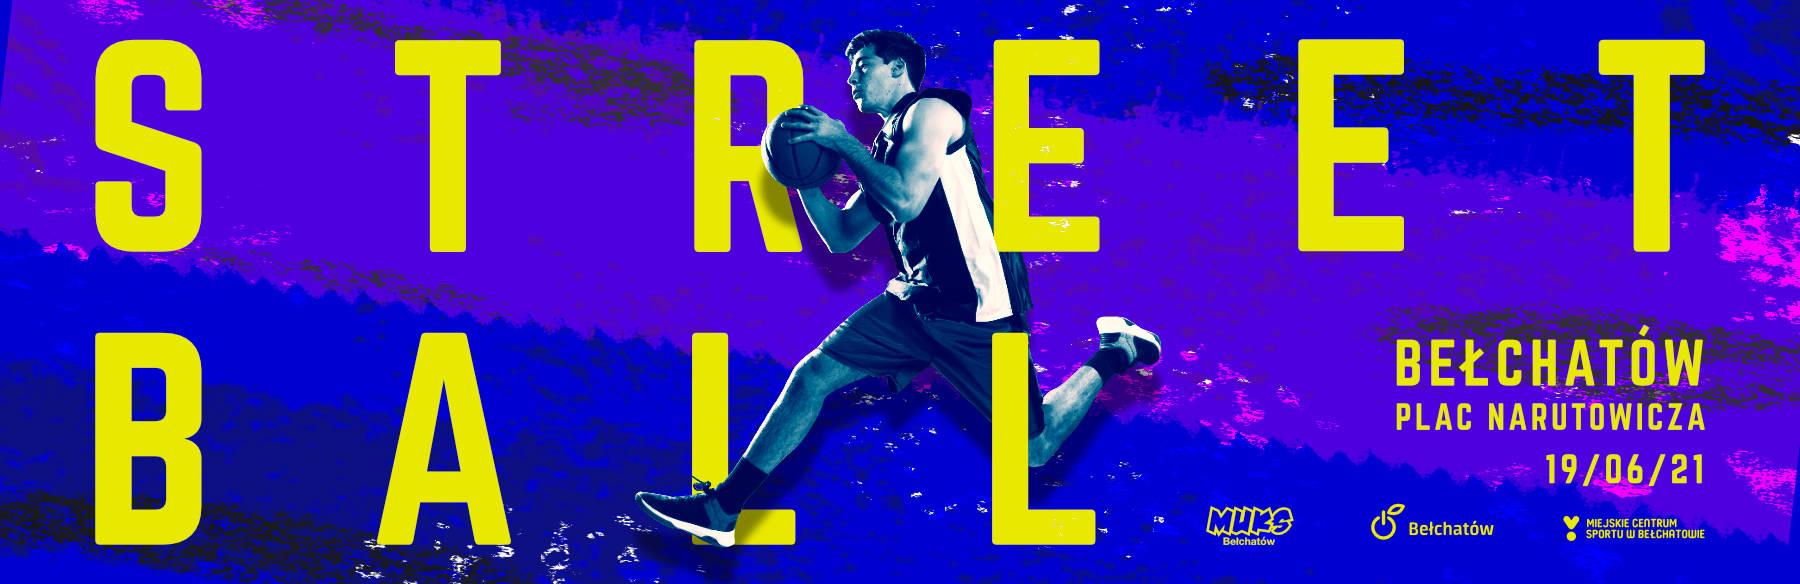 grafika promująca imprezę z koszykarzem między literami STREETBALL